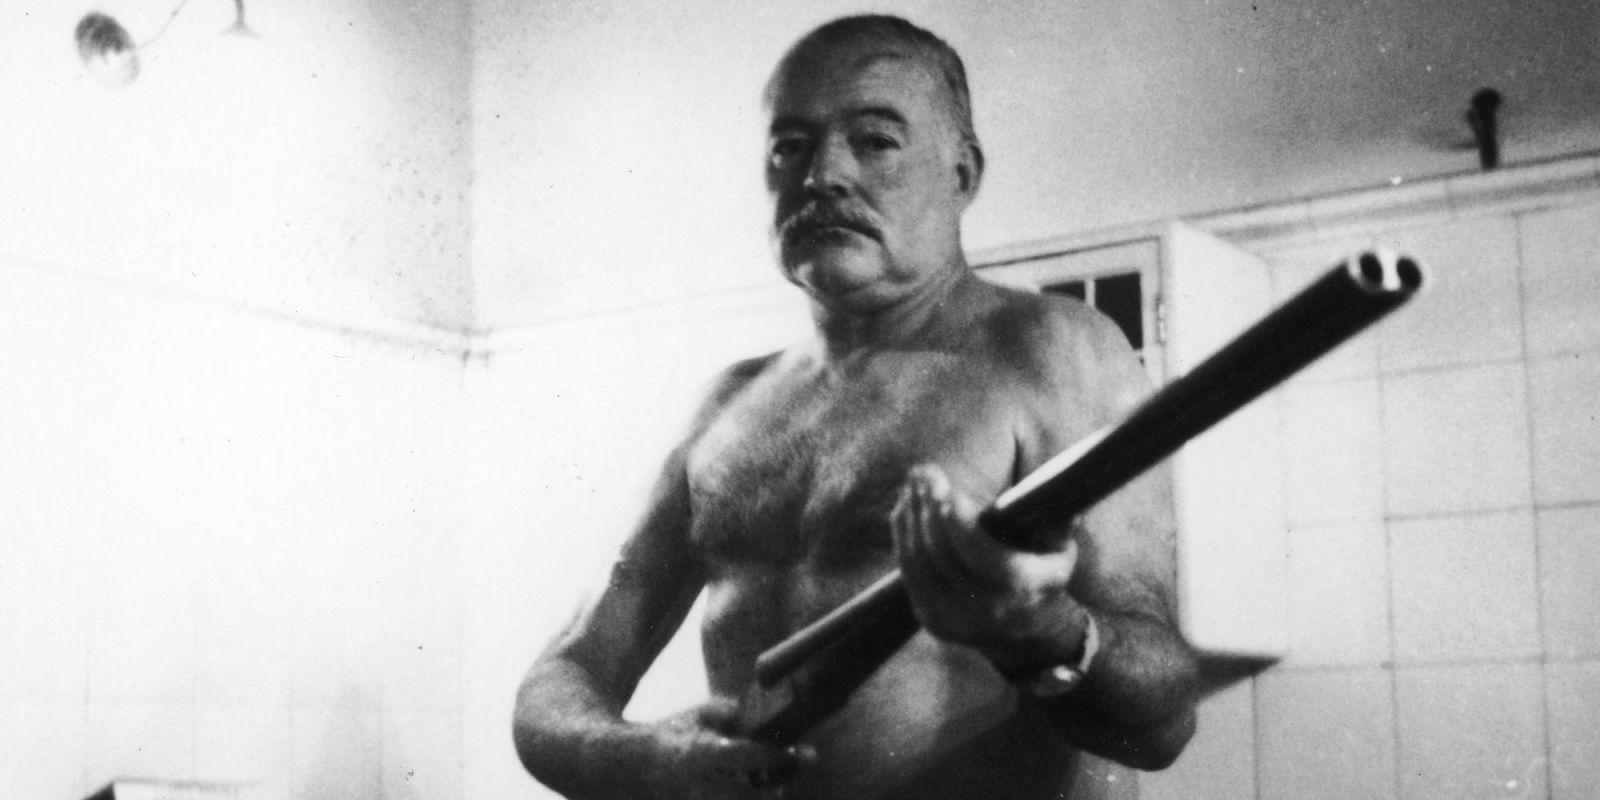 конспирология теории заговоров таскиджийский эксперимент цру сухой закон хемингуэй отвратительные мужики disgusting men